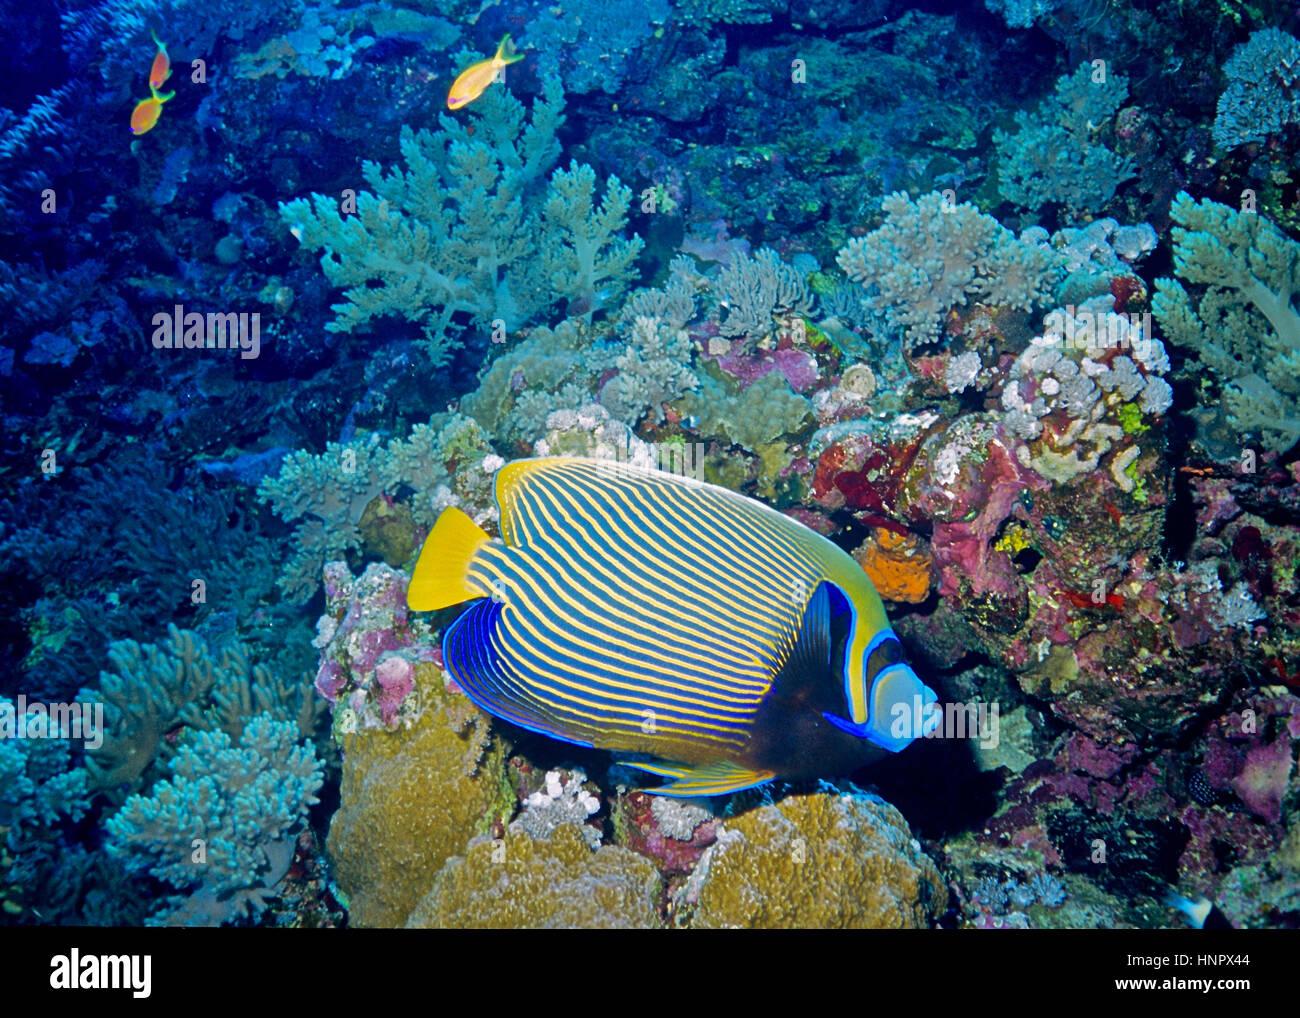 Ein Kaiser-Kaiserfisch (Pomacanthus Imperator) neben einem Korallenriff.  Berühmt für die Schönheit Stockbild